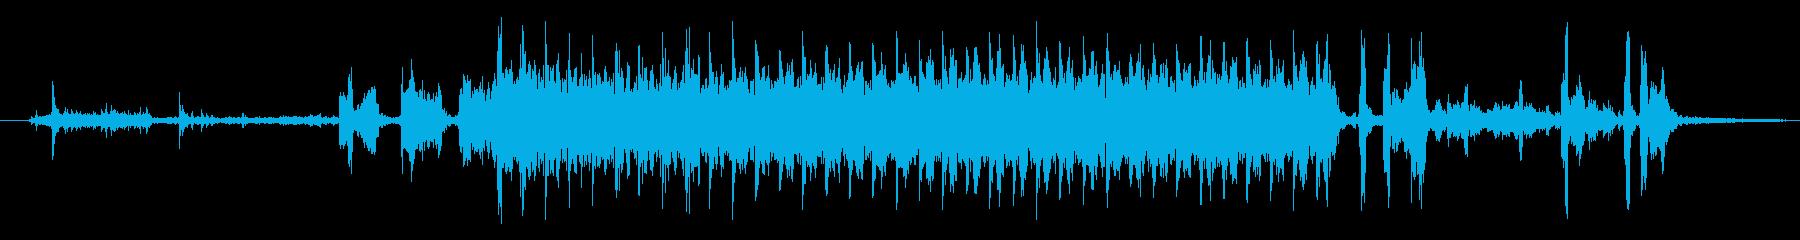 メカニカルサーボ:リセット動作、油...の再生済みの波形